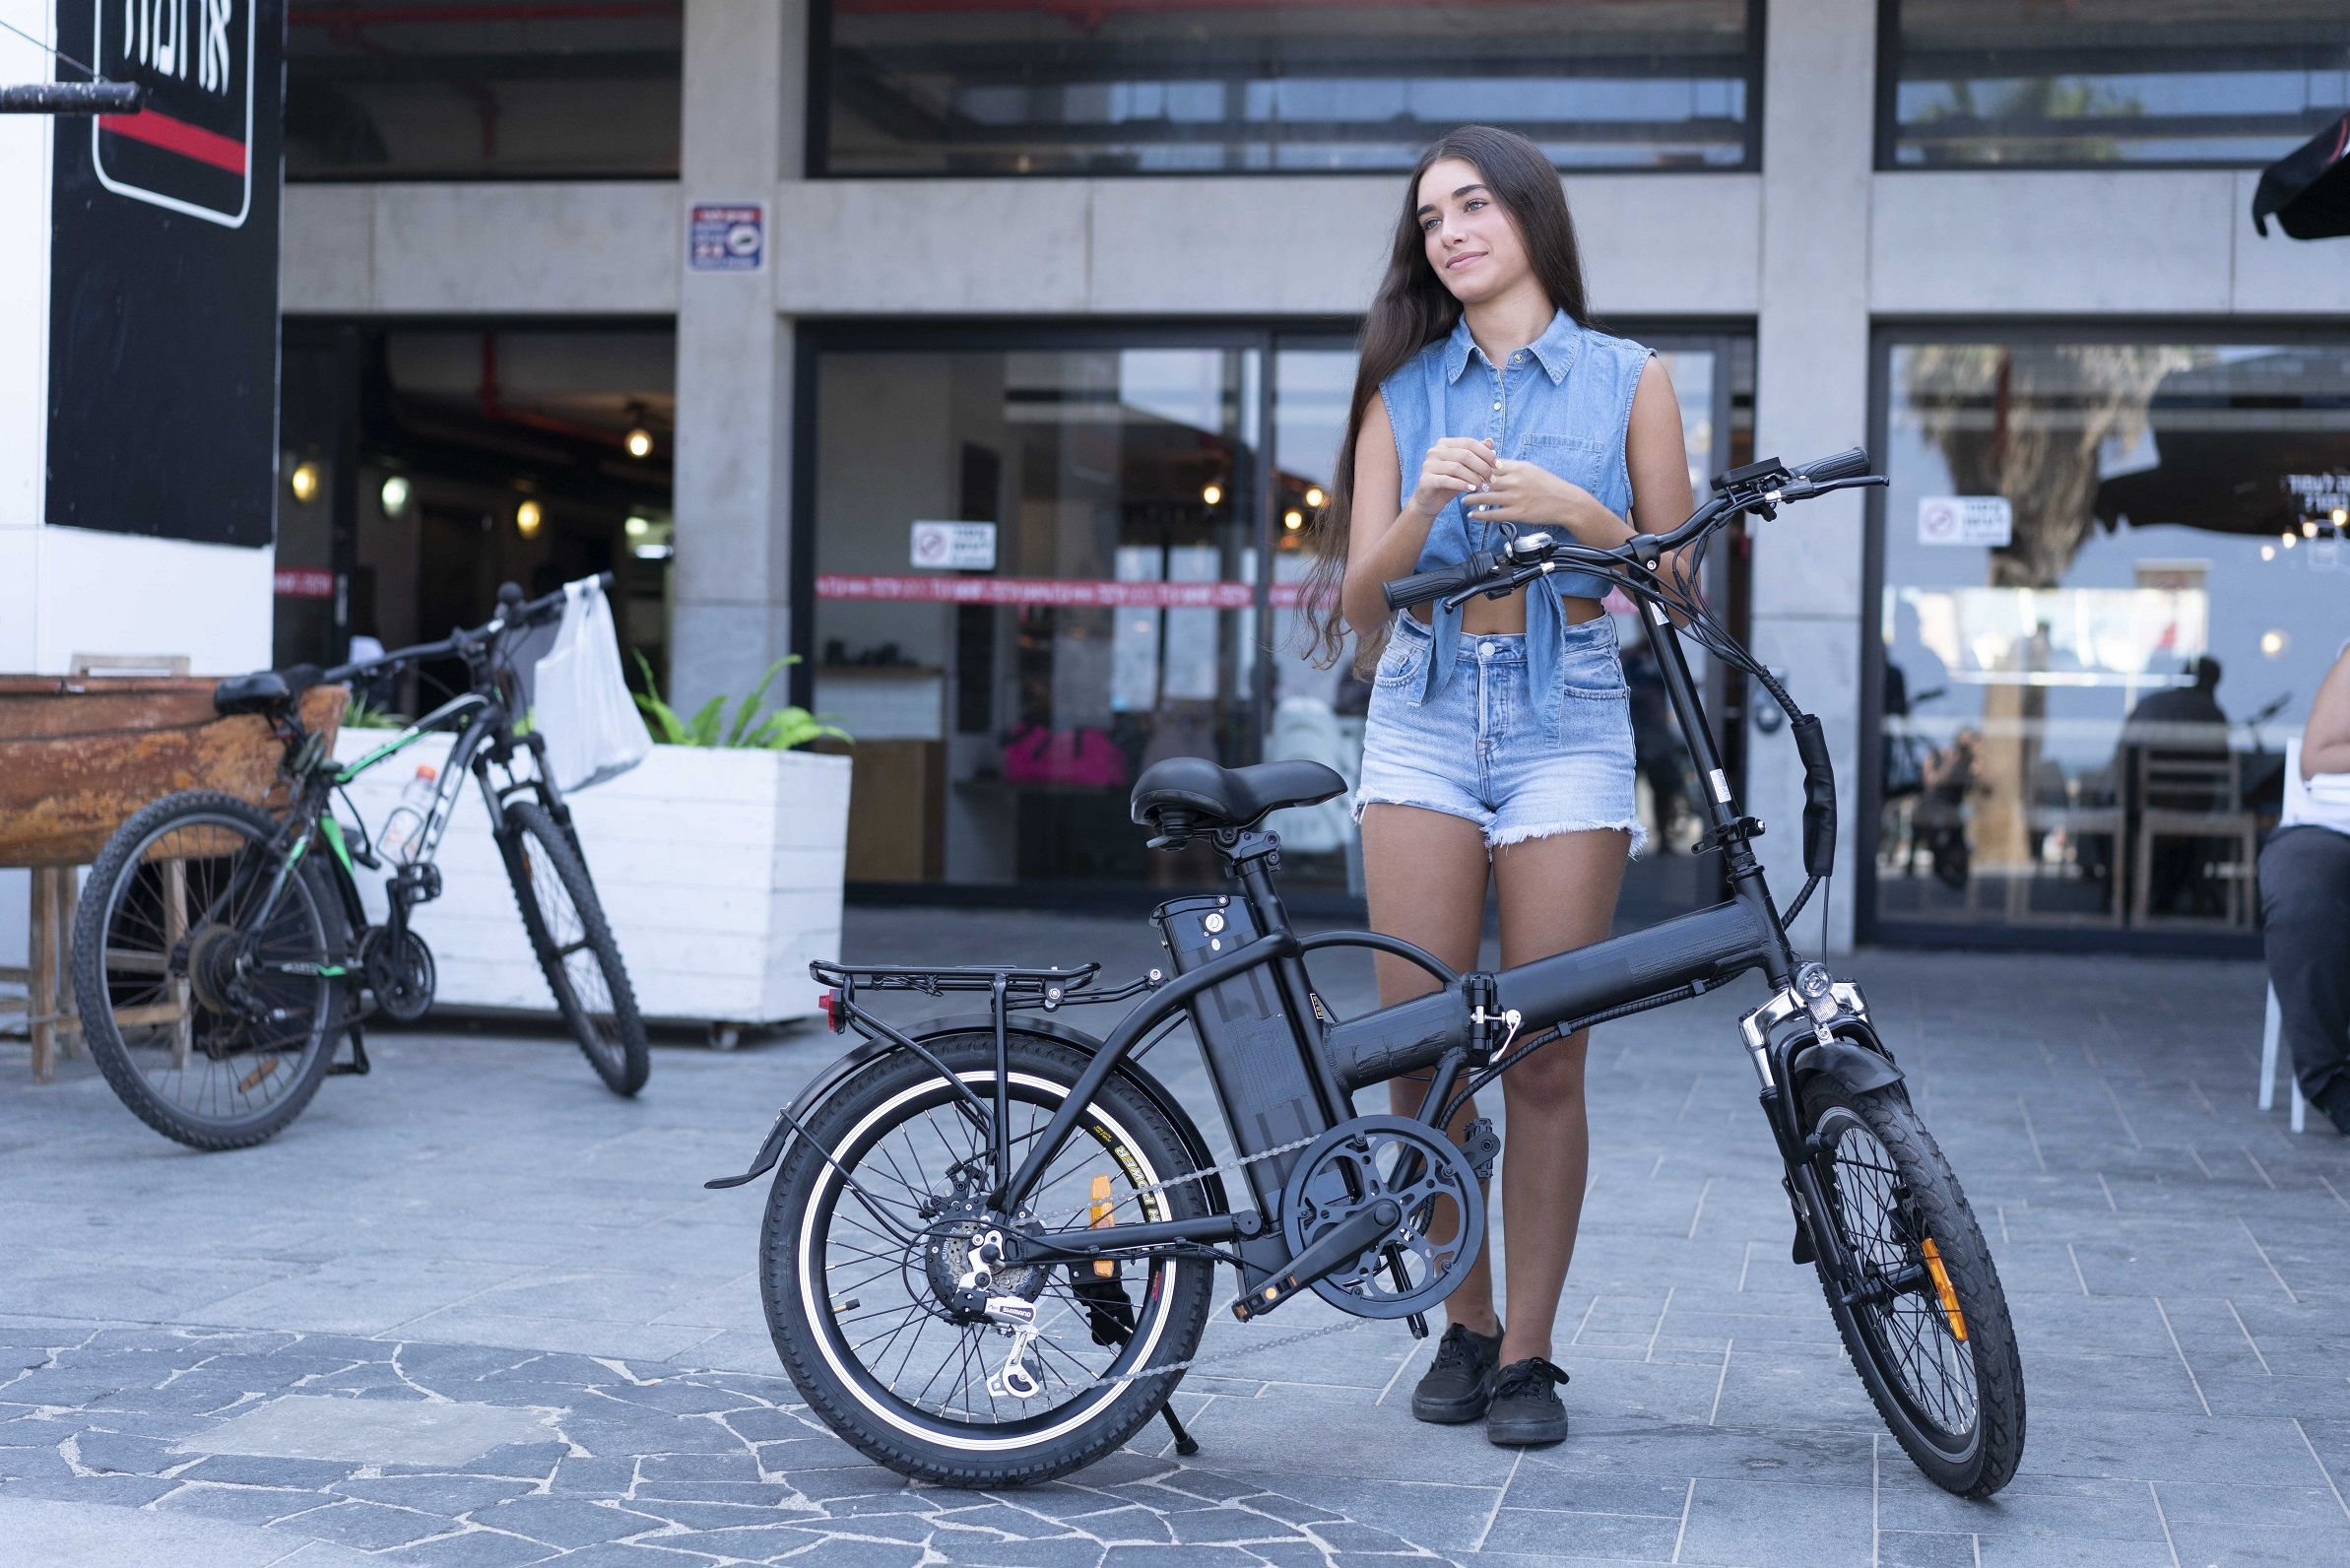 אופני גדרה, אופניים חשמליות גדרה, אופניים חשמליים גדרה